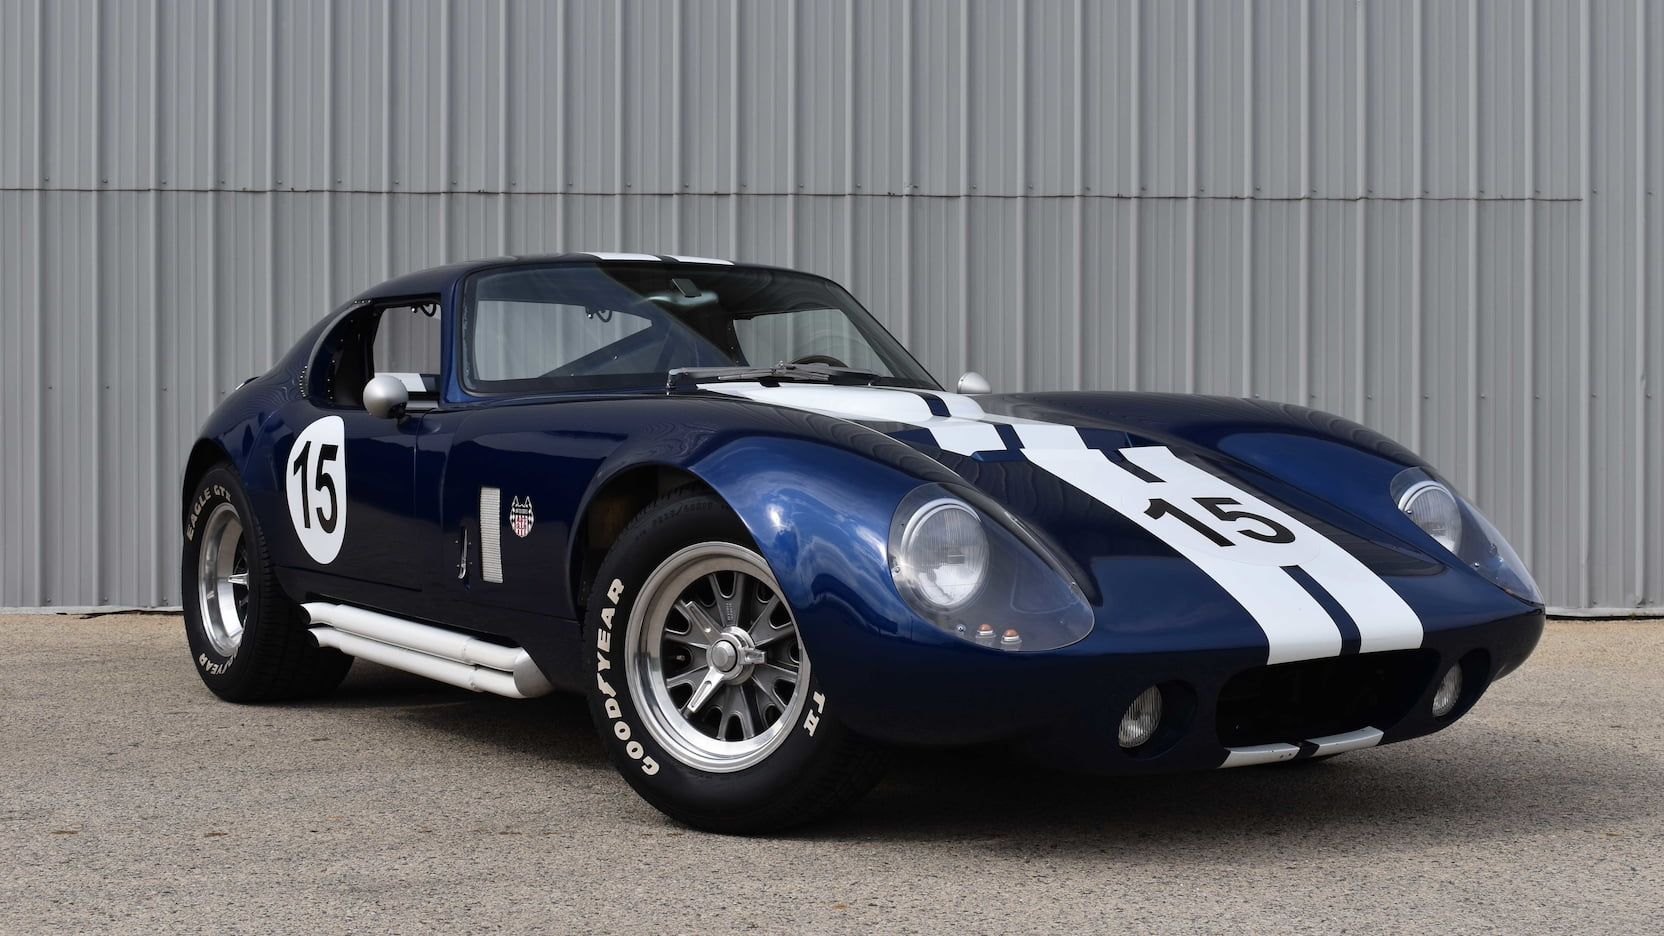 1966 ShelbyCobra Daytona Replica